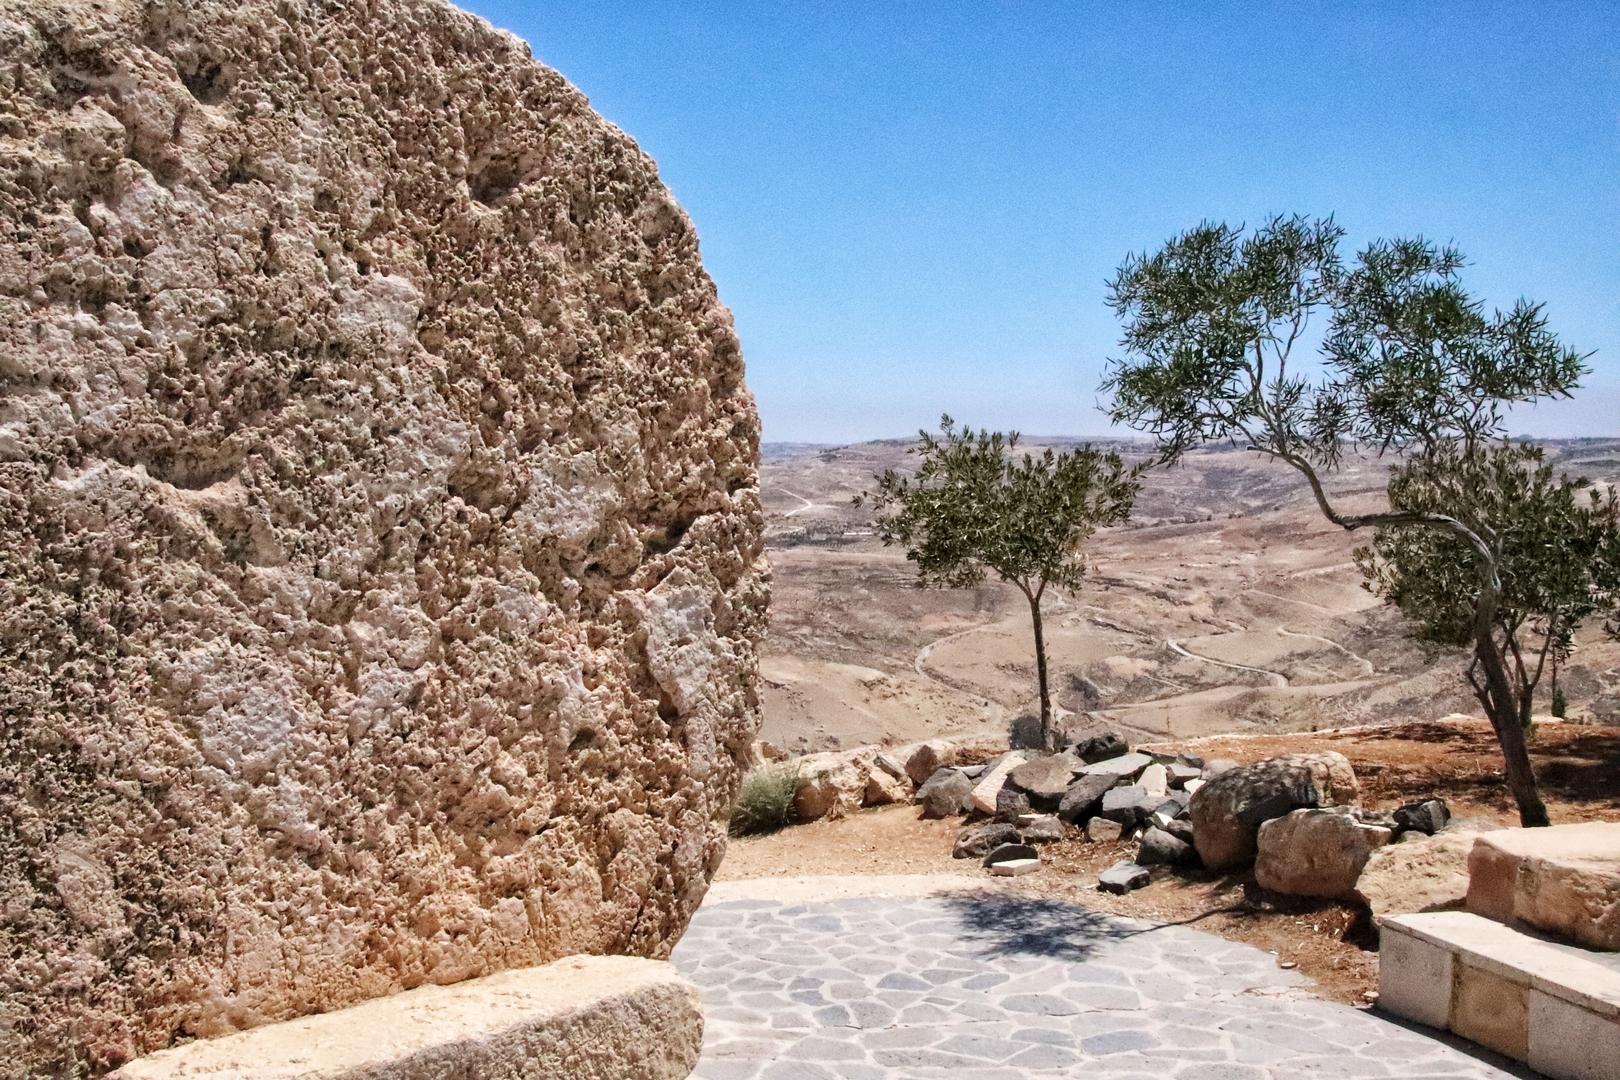 Jordanie - Vue du haut du Mont Nebo